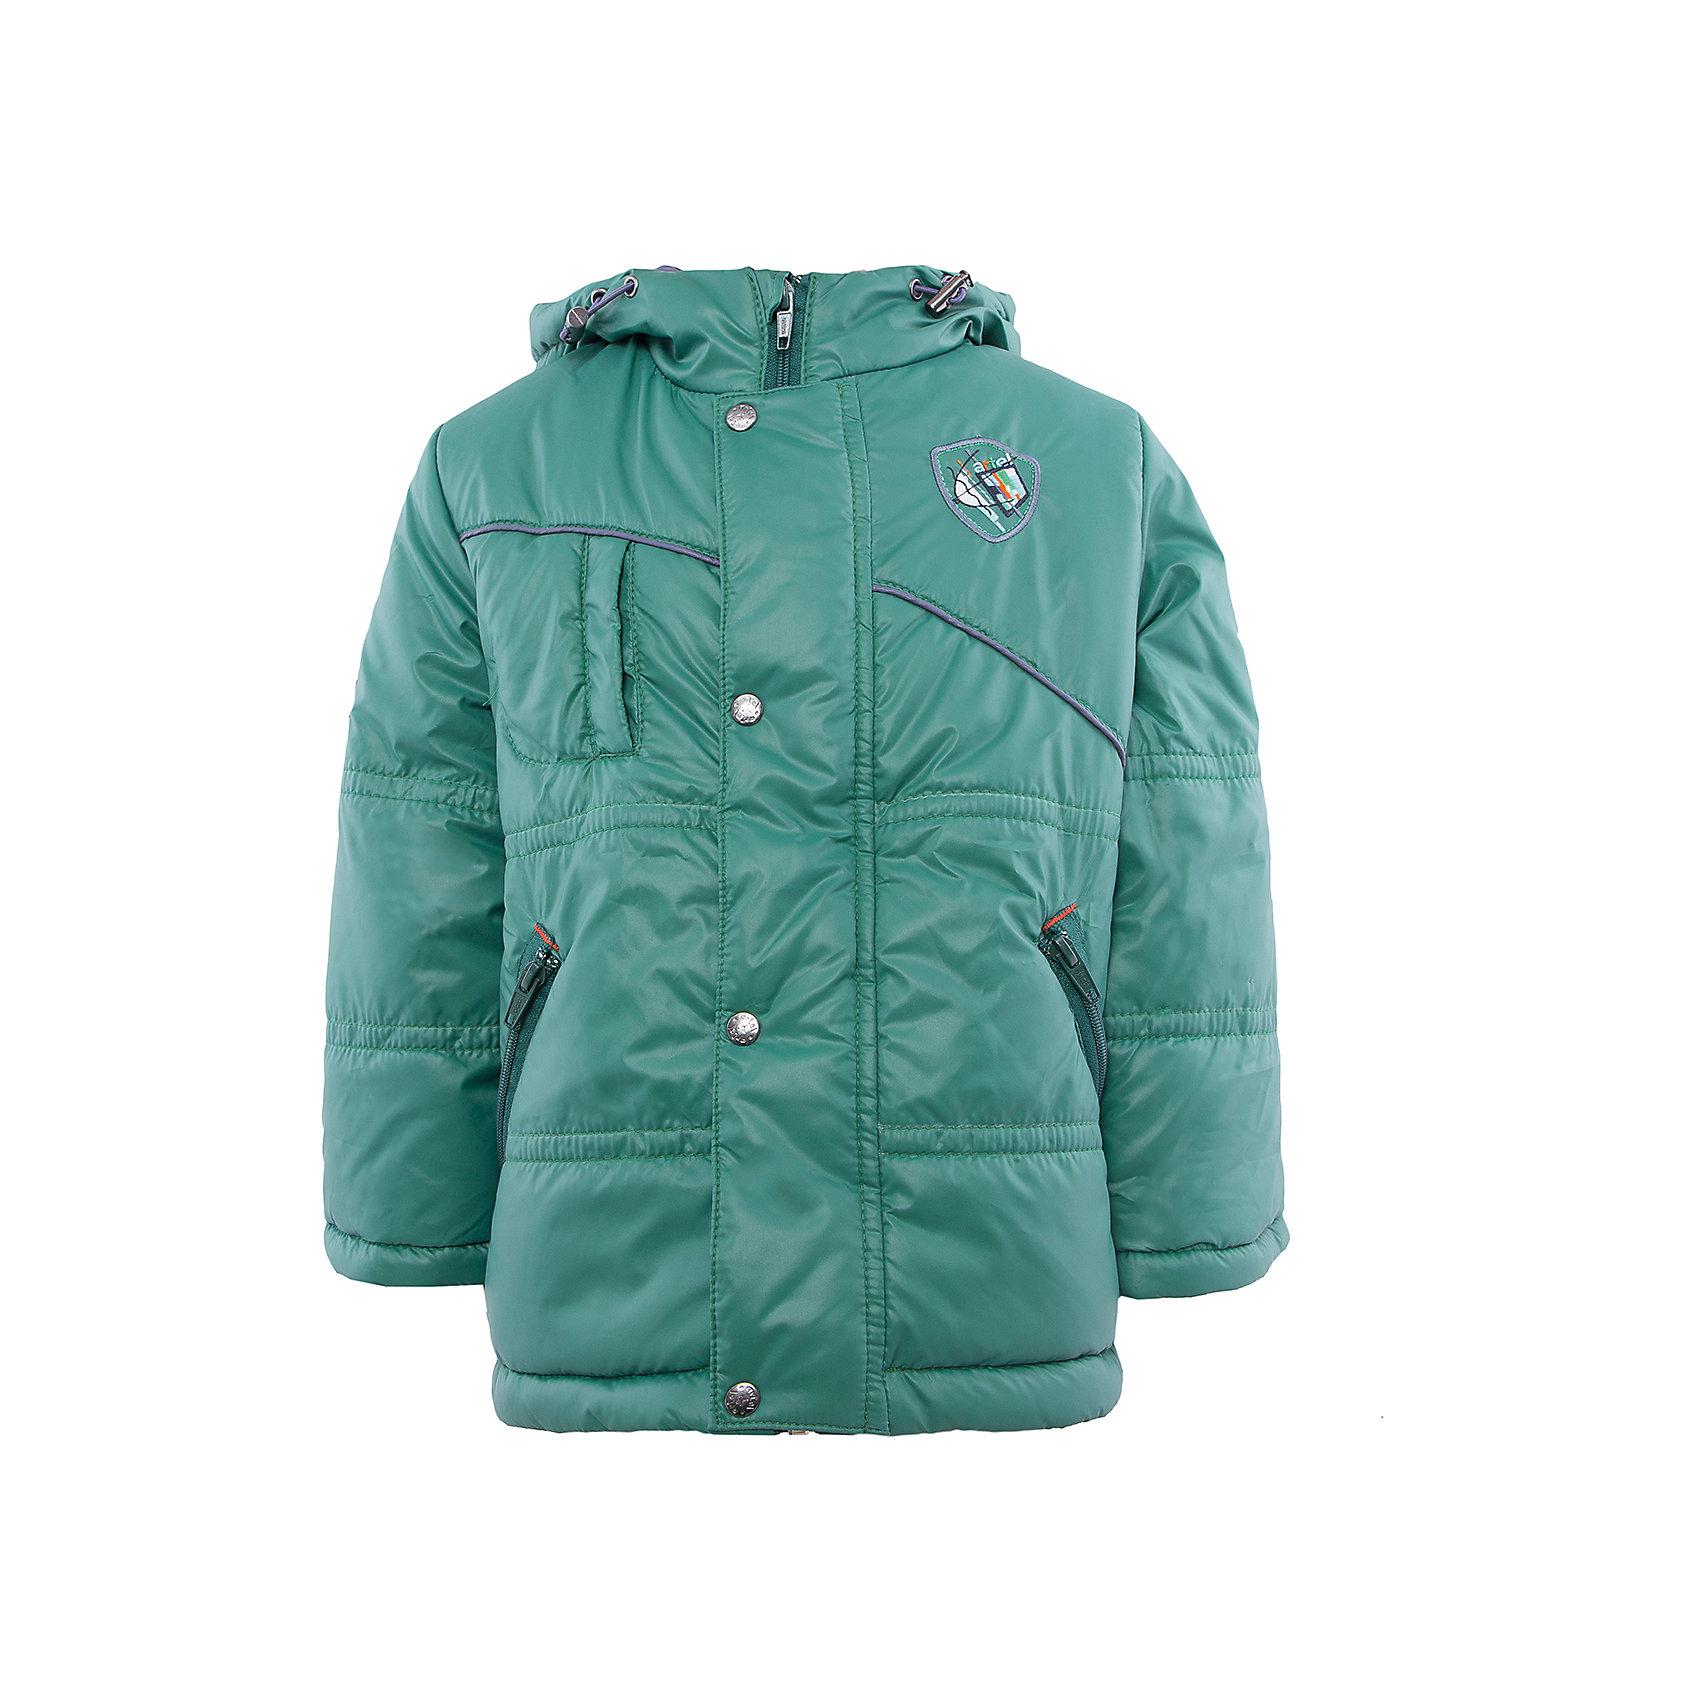 Куртка для мальчика АртельВерхняя одежда<br>Куртка для мальчика от известного бренда Артель<br>Куртка прямого силуэта. Капюшон втачной с регулируемой кулиской. Манжета рукава отворотная, регулируется по длине. Но низу куртка собирается на резинку- кулиску.<br>Состав:<br>Верх: 819 YSD<br>Подкладка: интерлок,тиси<br>Утеплитель: термофайбер 200гр<br><br>Ширина мм: 356<br>Глубина мм: 10<br>Высота мм: 245<br>Вес г: 519<br>Цвет: зеленый<br>Возраст от месяцев: 24<br>Возраст до месяцев: 36<br>Пол: Мужской<br>Возраст: Детский<br>Размер: 98,122,104,110,116<br>SKU: 4963596